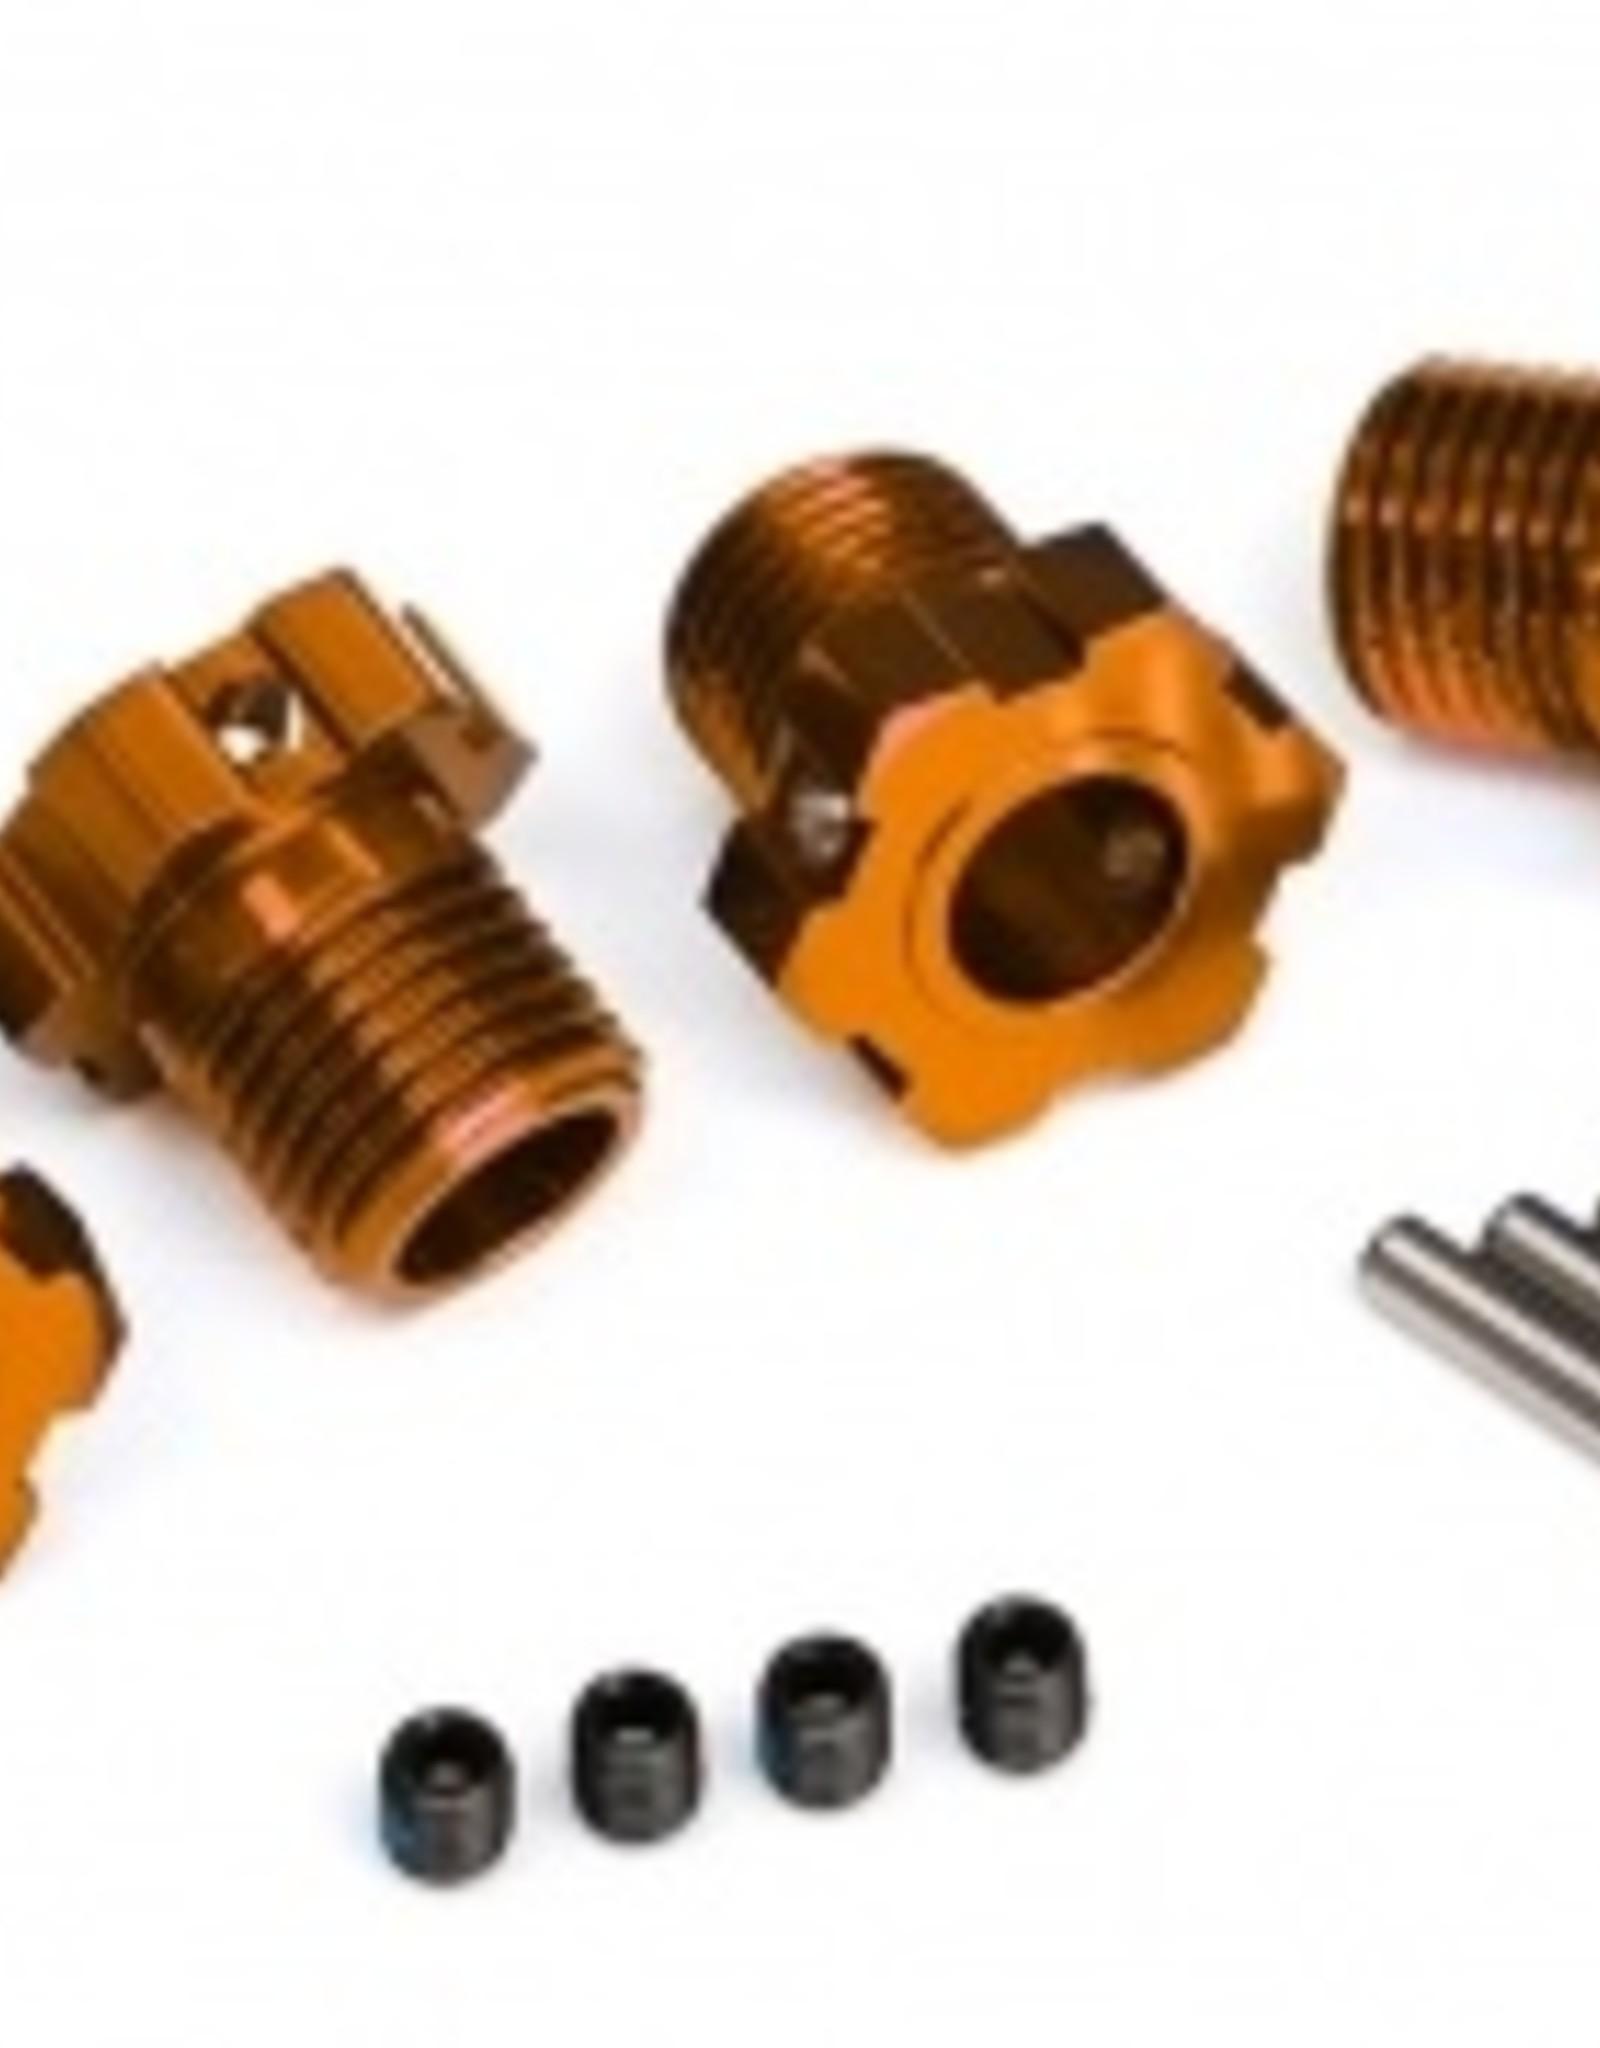 Traxxas Traxxas Wheel hubs, splined, 17mm (orange-anodized) (4)/ 4x5 GS (4)/ 3x14mm pin (4)